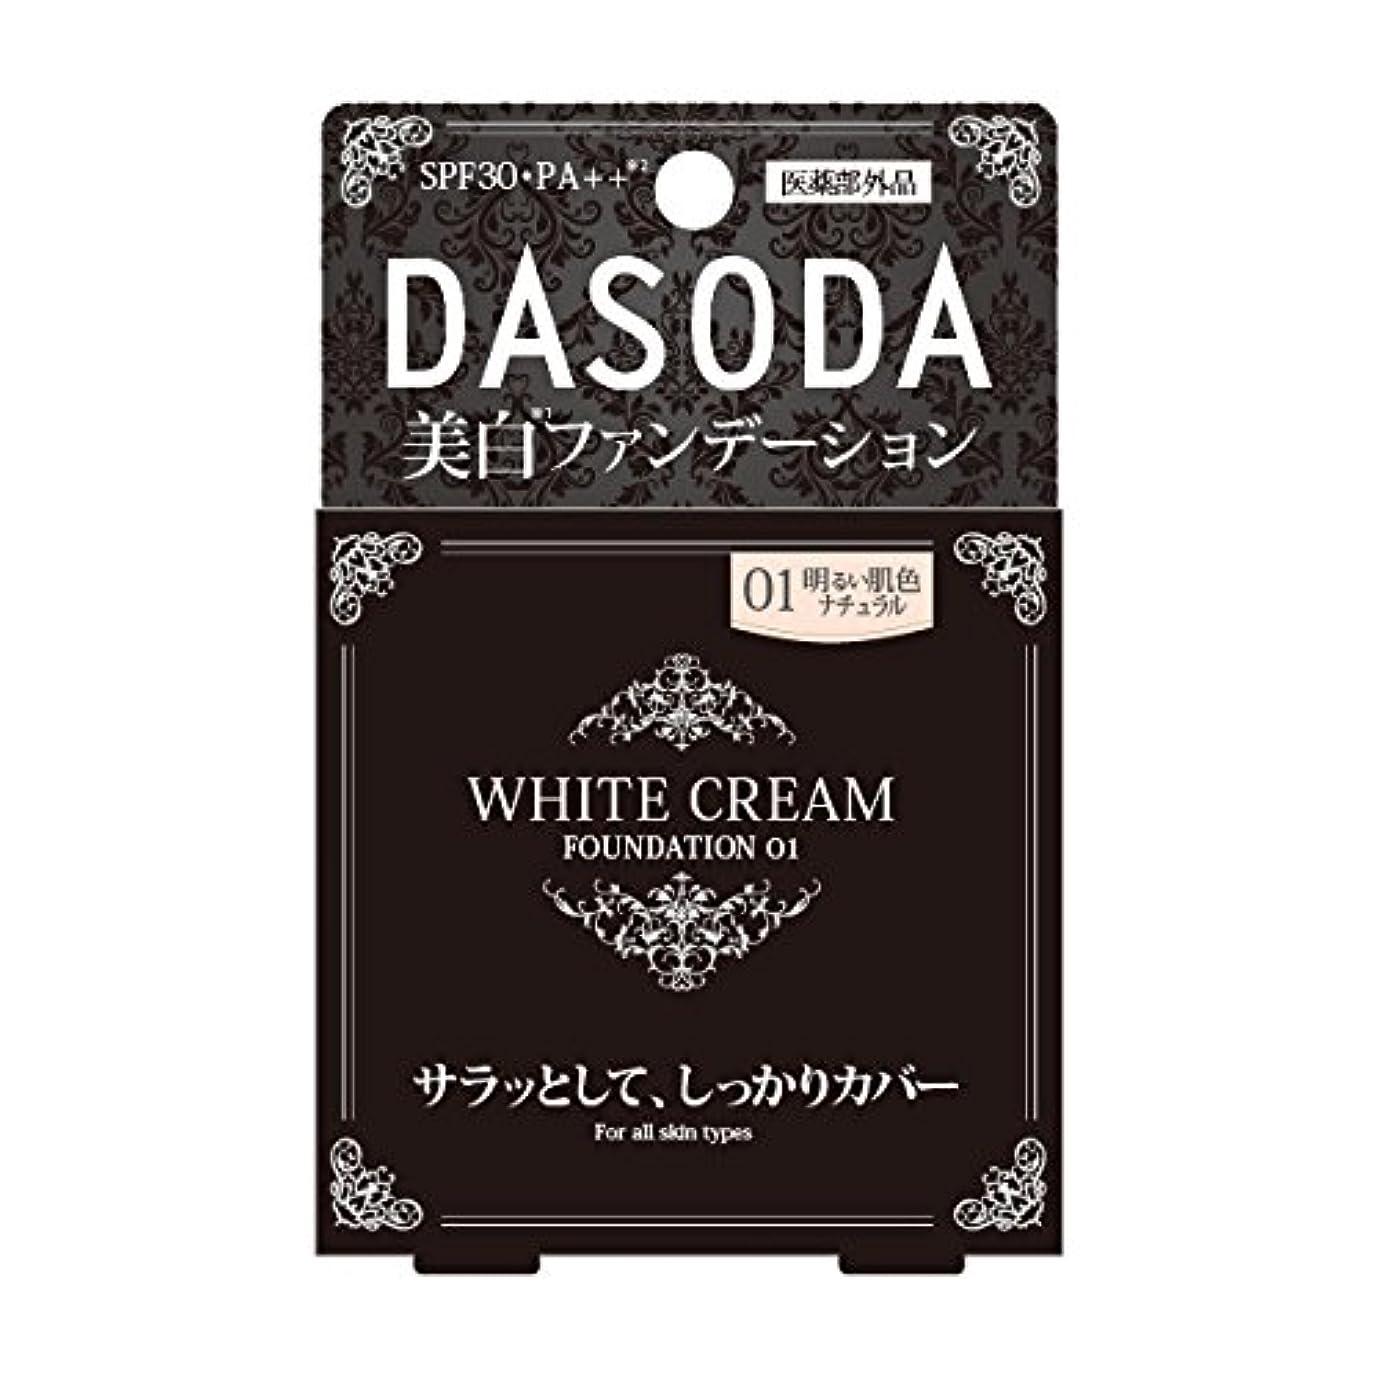 知覚見分ける地雷原ダソダ エフシー ホワイトクリームファンデーション 01 ナチュラル 8g